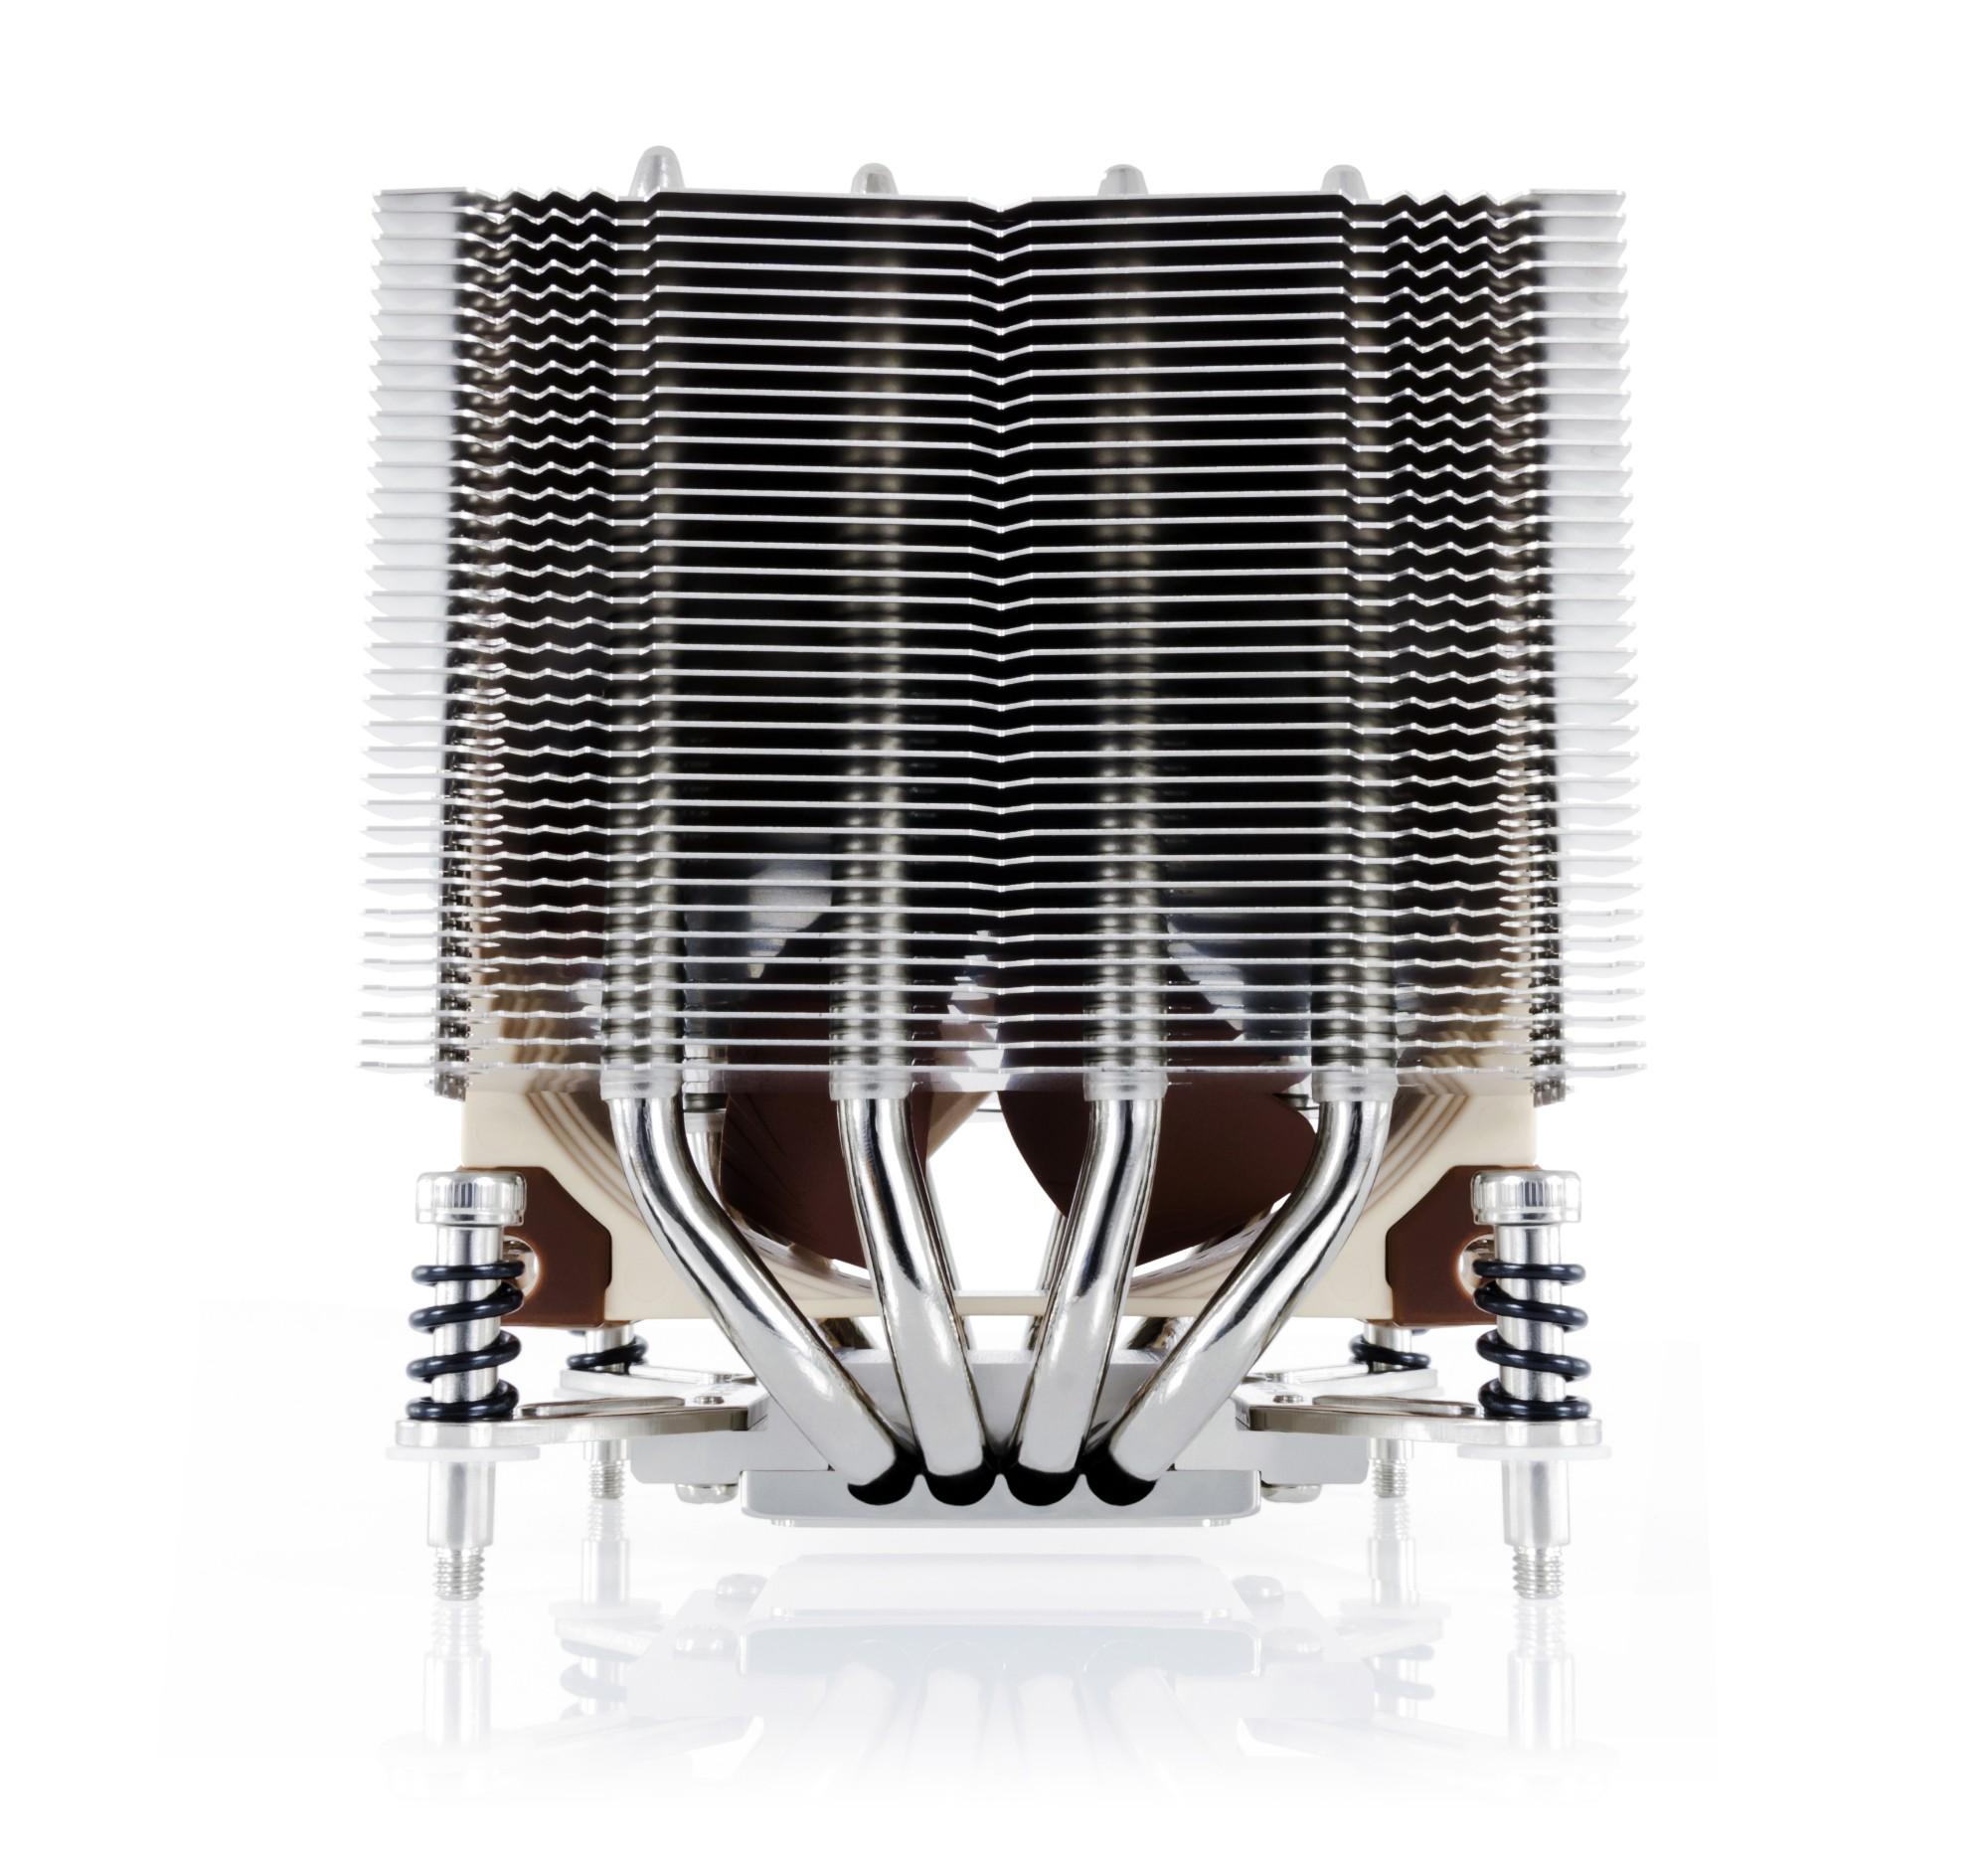 Noctua NH-D9DX i4 3U Processor Cooler